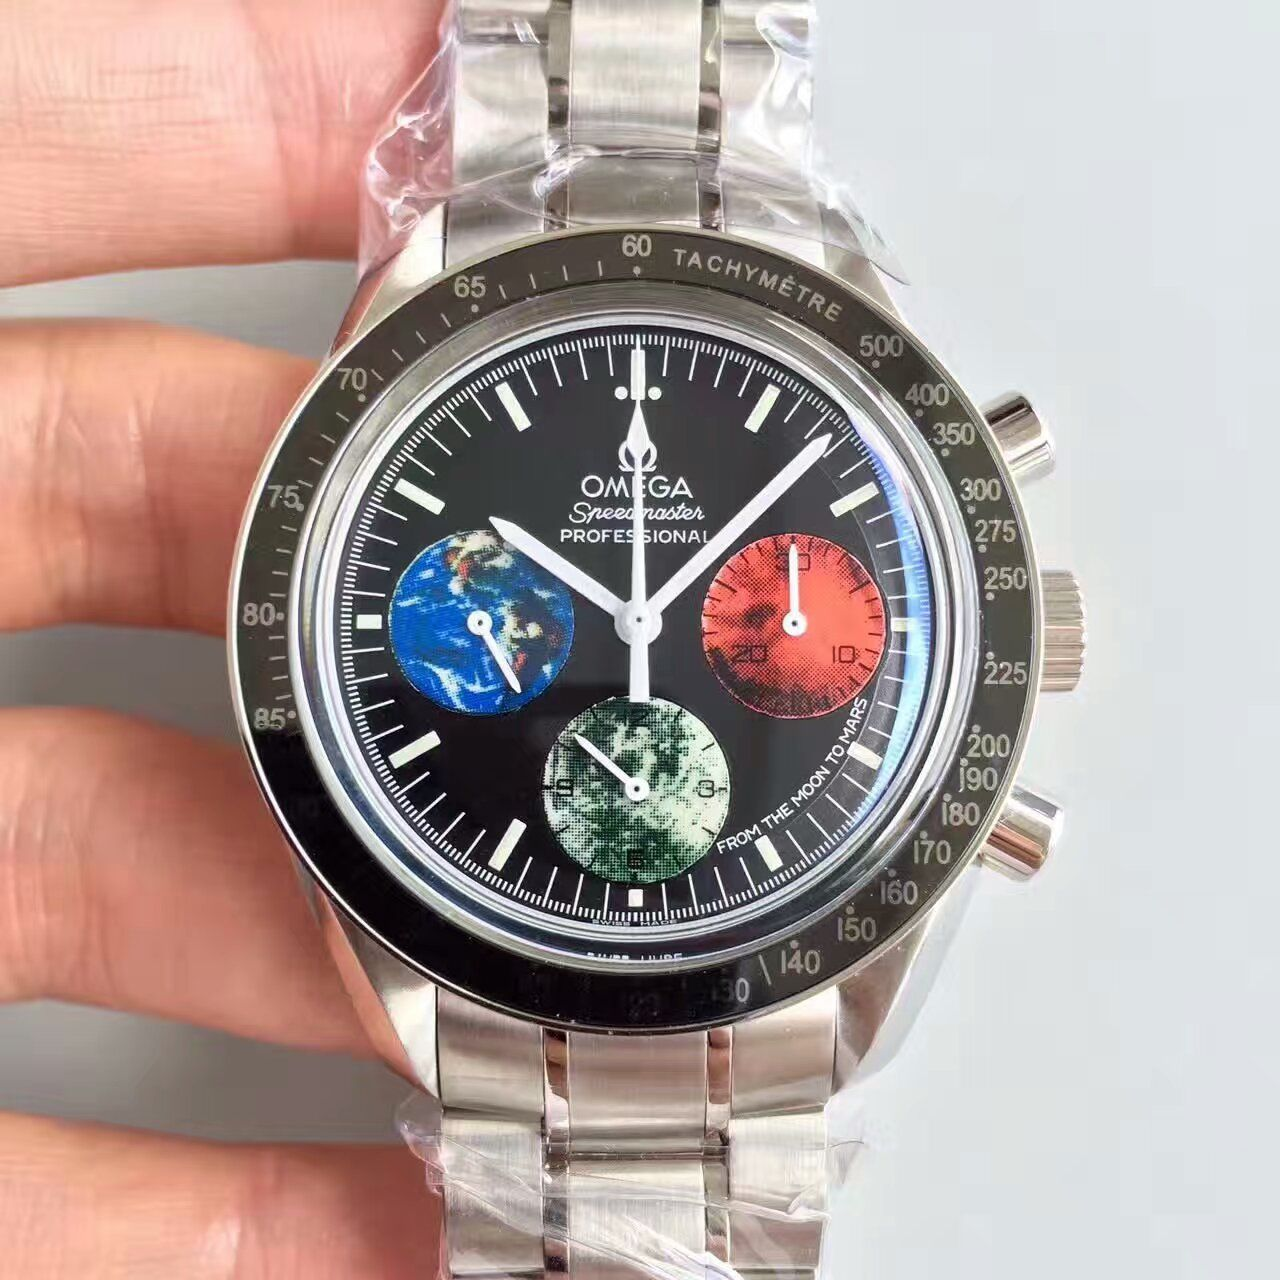 【JH厂一比一超A高仿手表】欧米茄超霸系列3577.50.00腕表价格报价